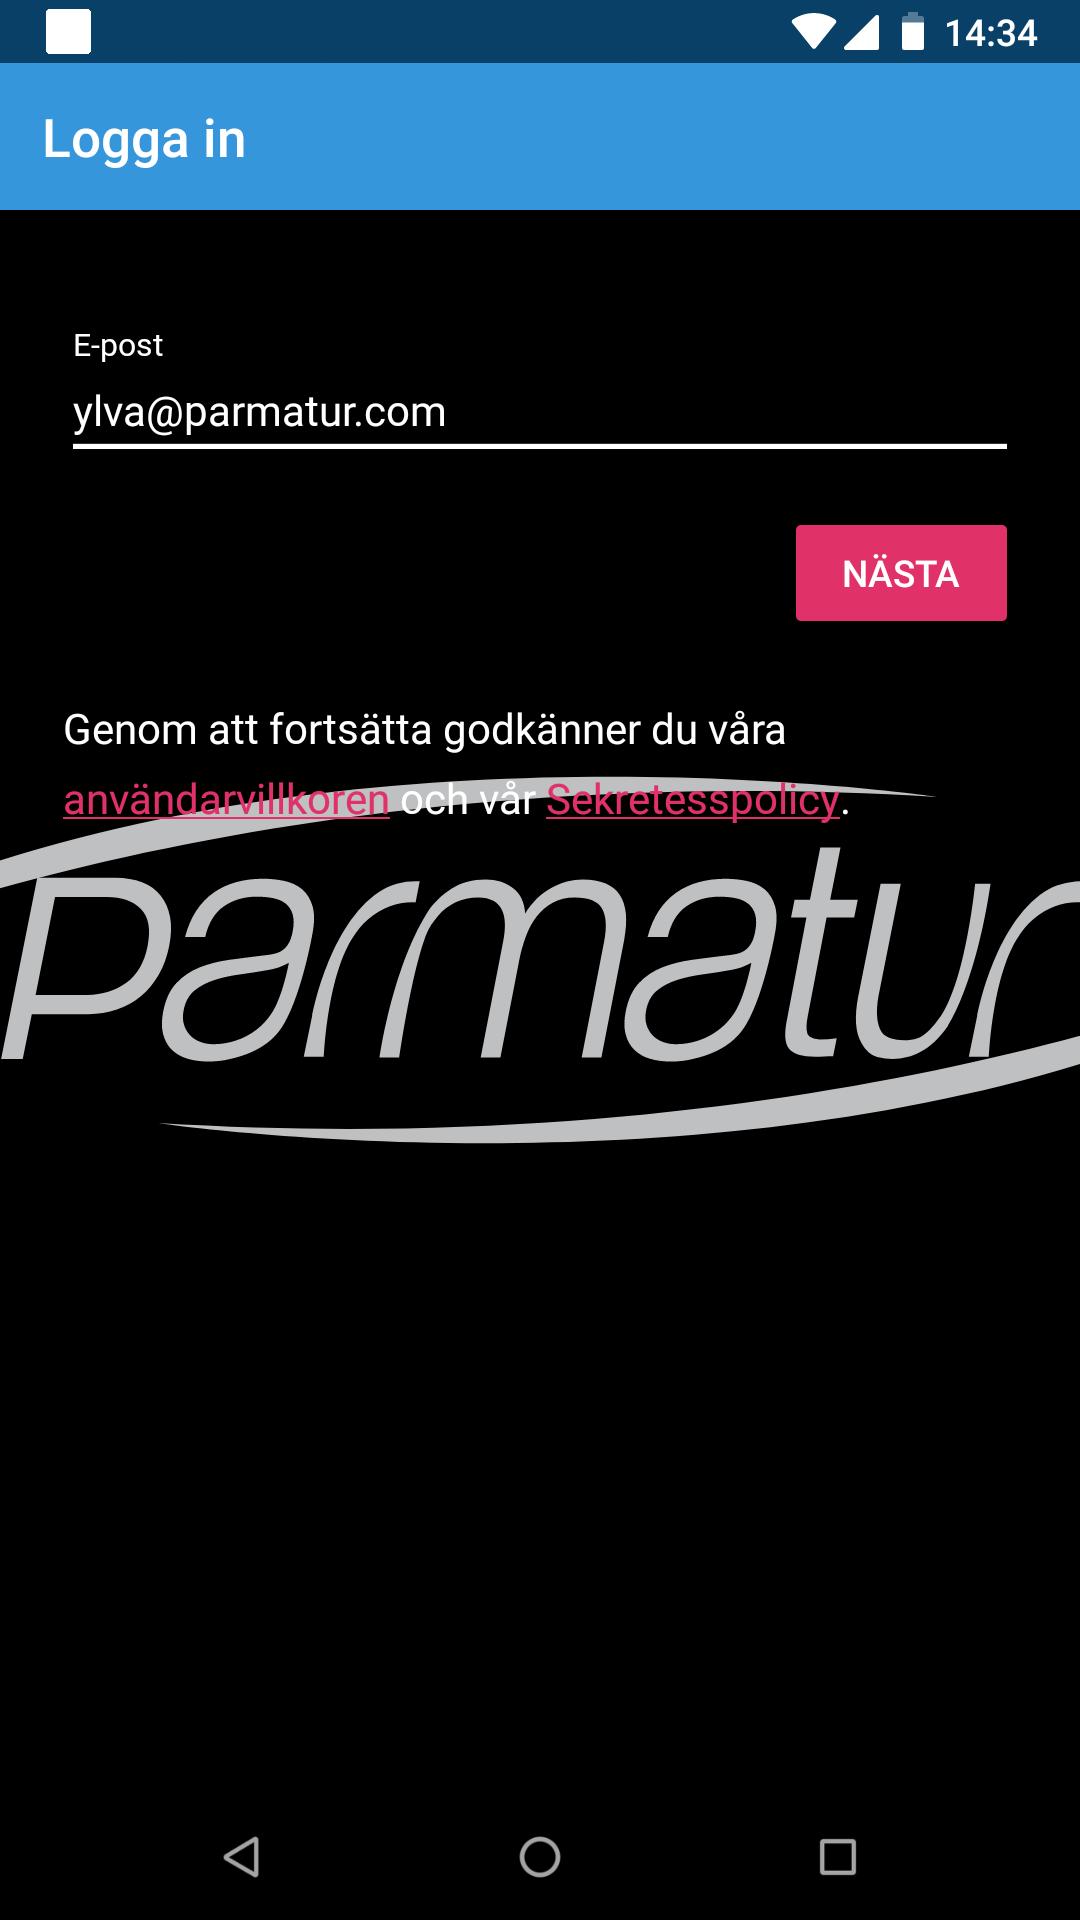 Parmatur App - Register e-mail